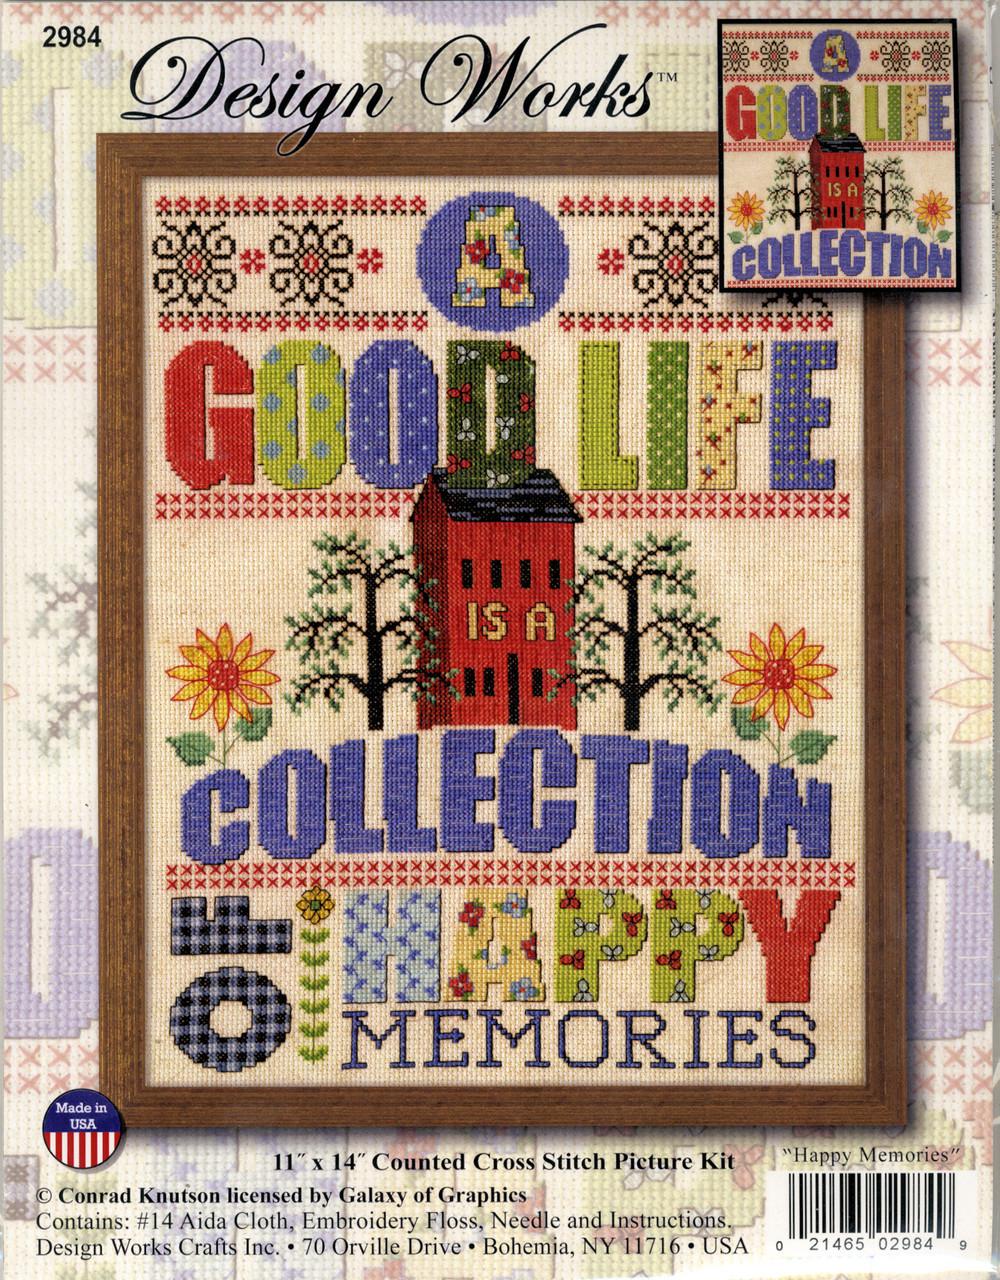 Design Works - Happy Memories